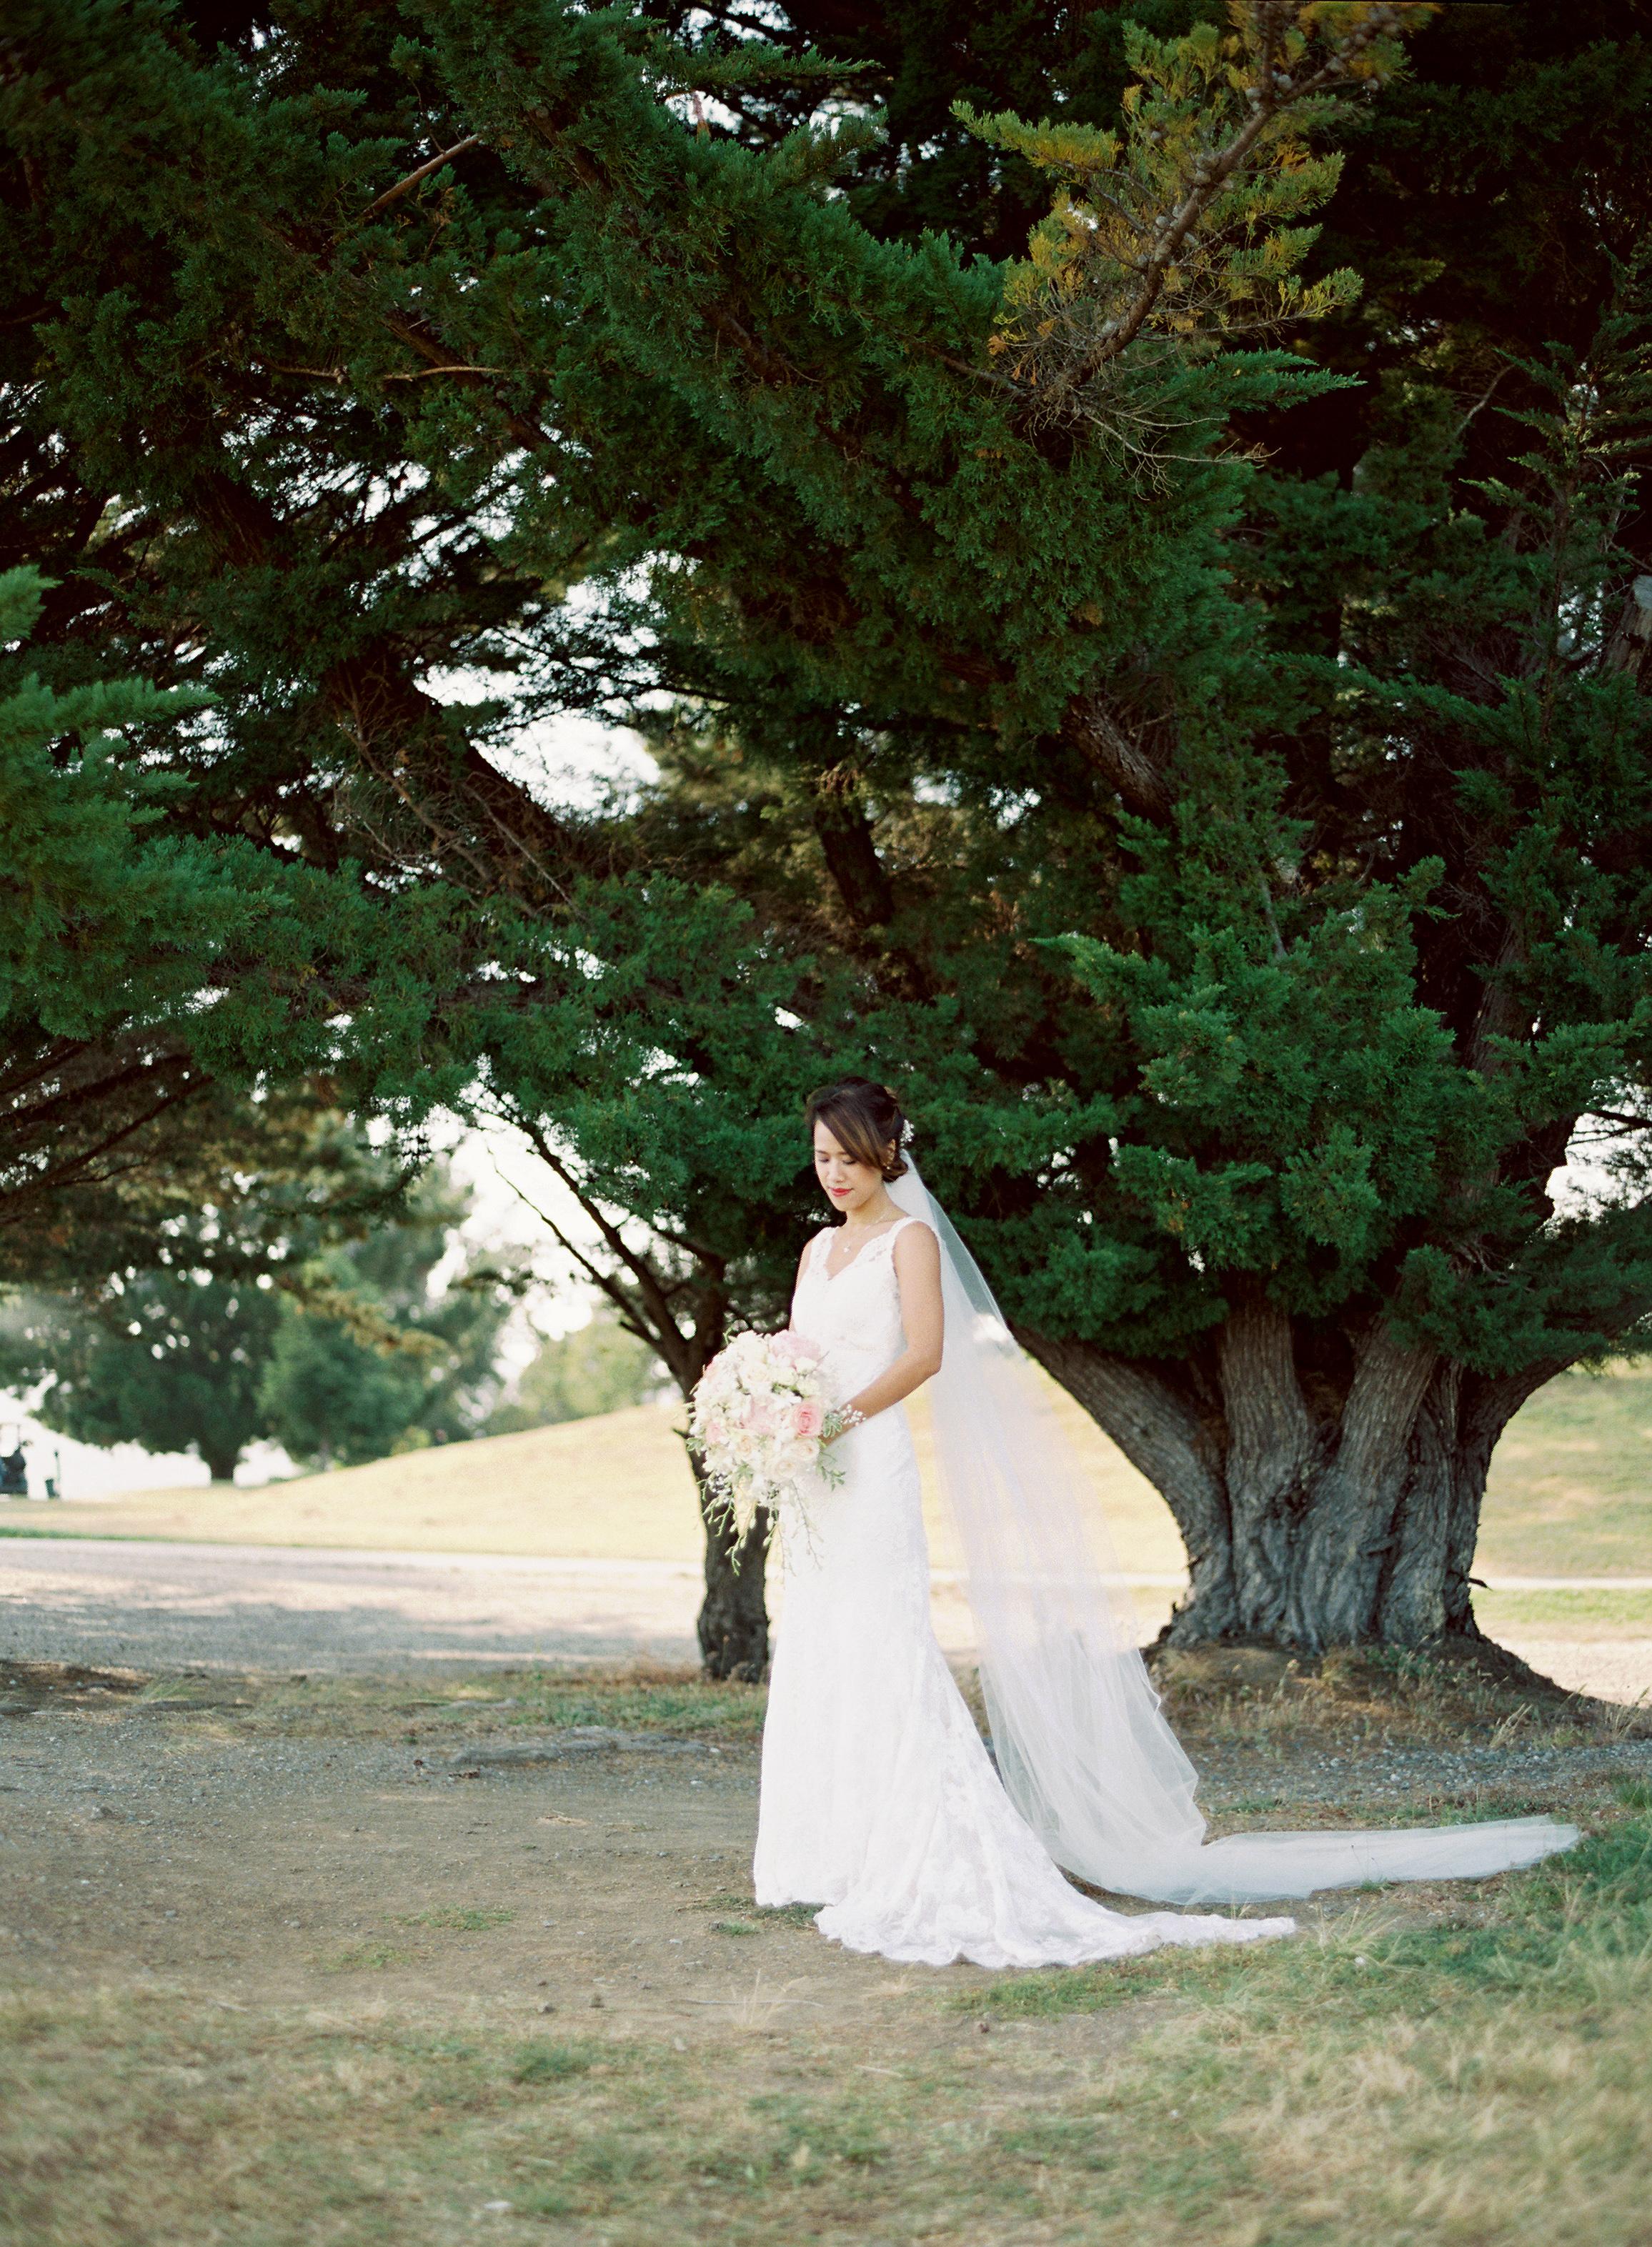 wedgewood-crystal-springs-wedding-photos